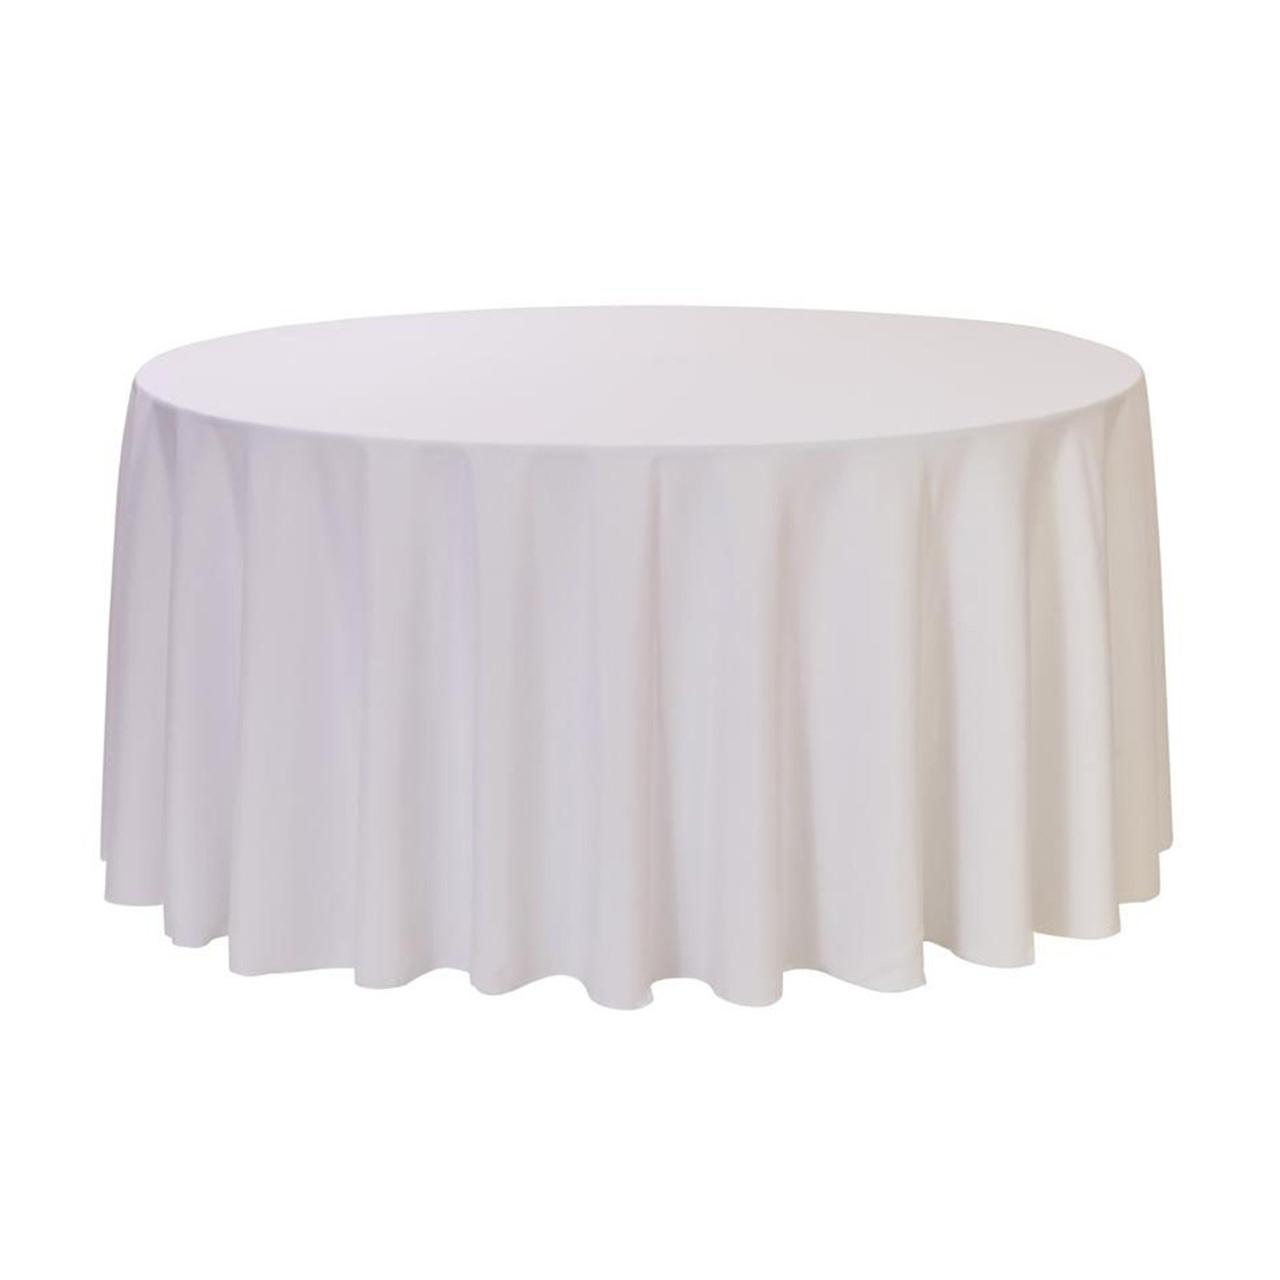 მრგვალი დასაკეცი მაგიდა